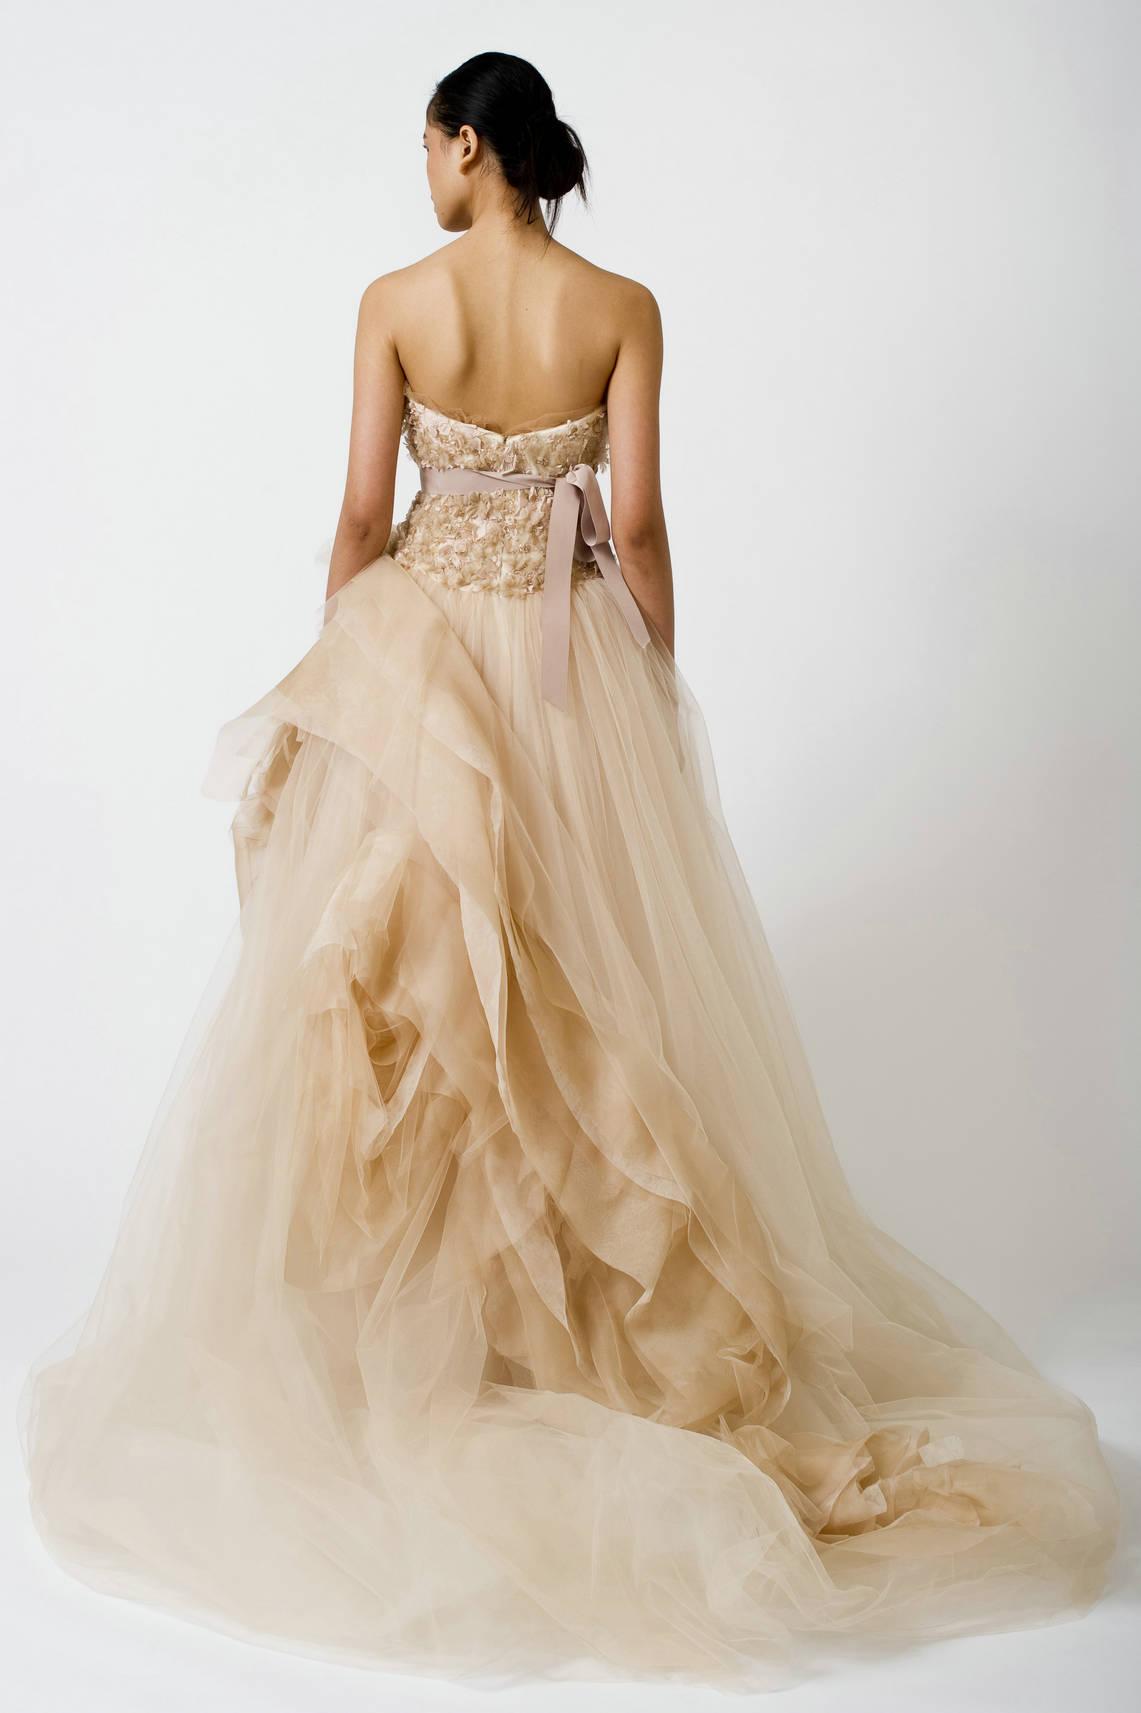 tulle robe mariage couleur champagne avec bustier décoré de plumes motifs et ruban mocca, jupe plissée avec plusieurs couches de tulle